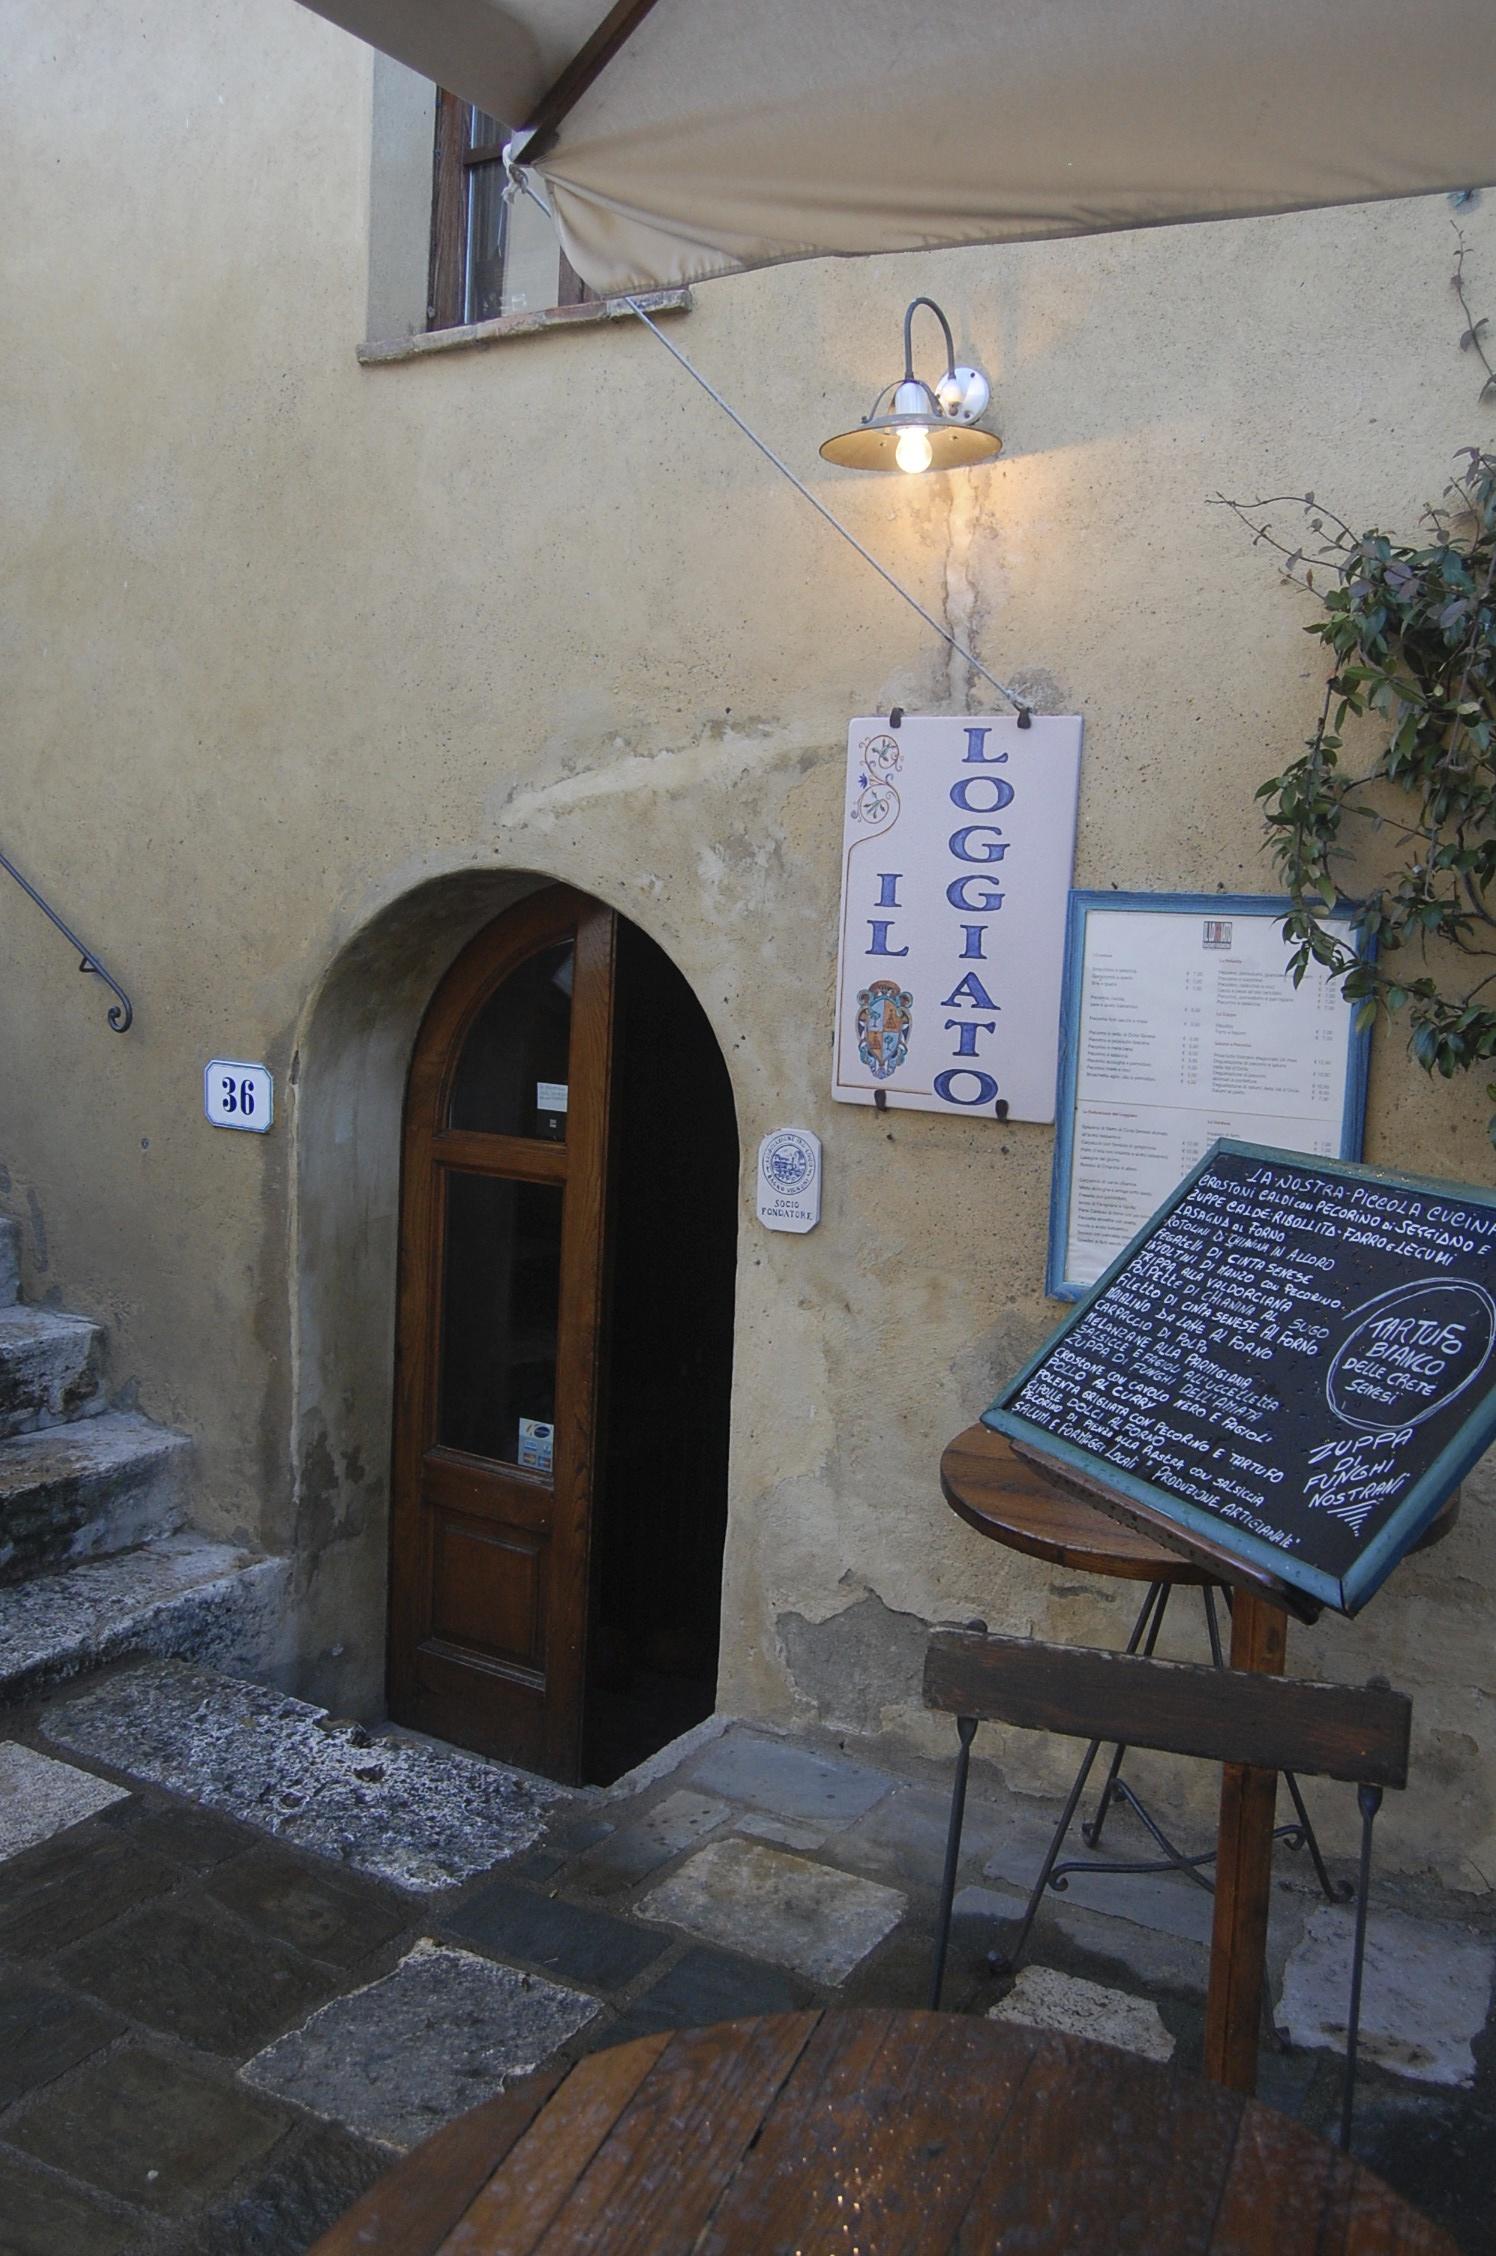 Exploring tuscany bagno vignoni an american in rome - Il loggiato bagno vignoni ...